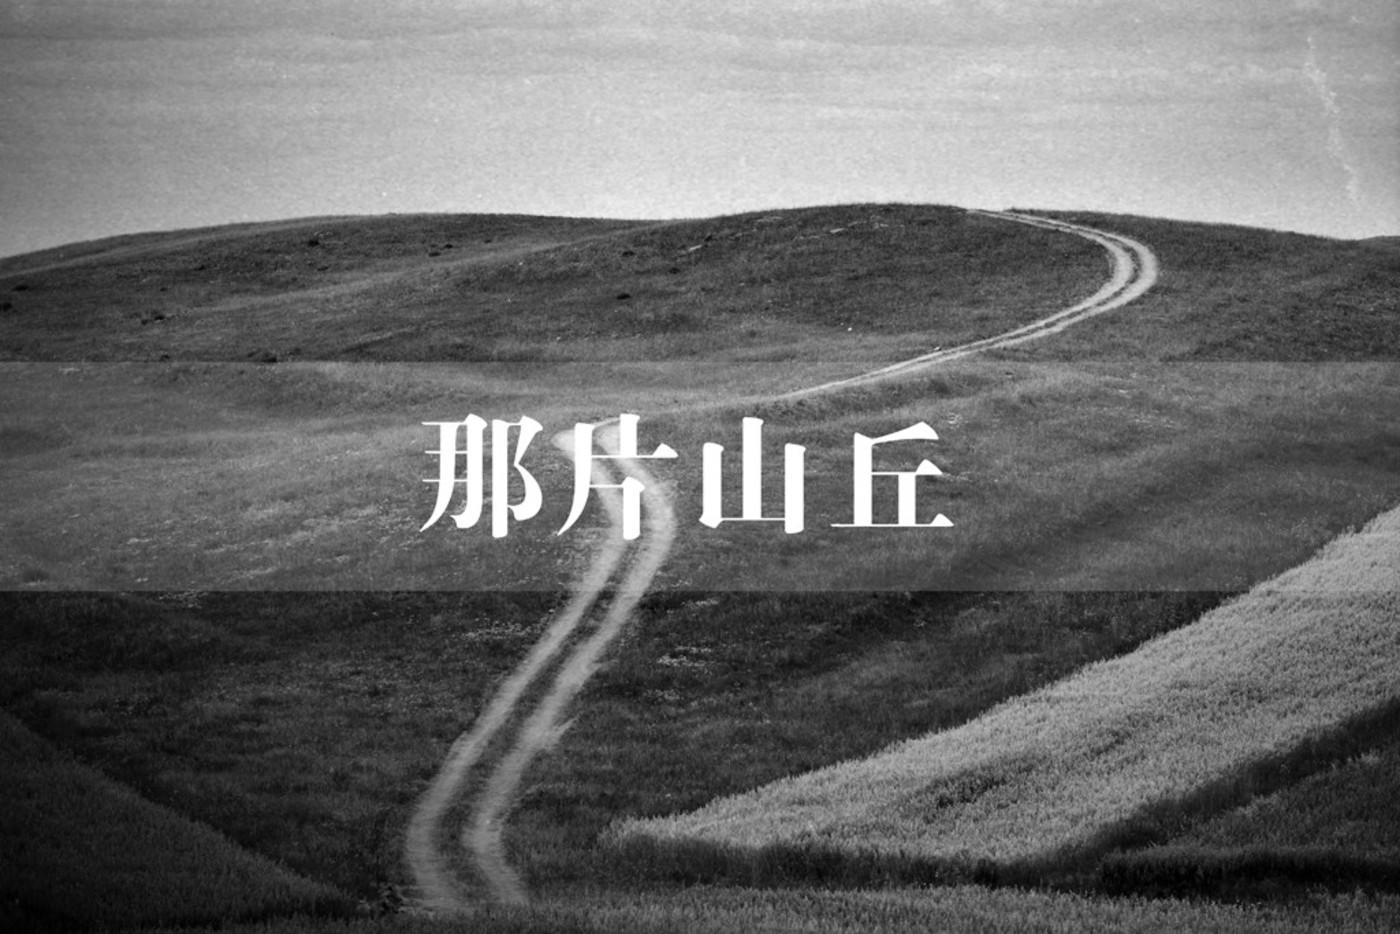 草原旅拍-那片山丘系列0